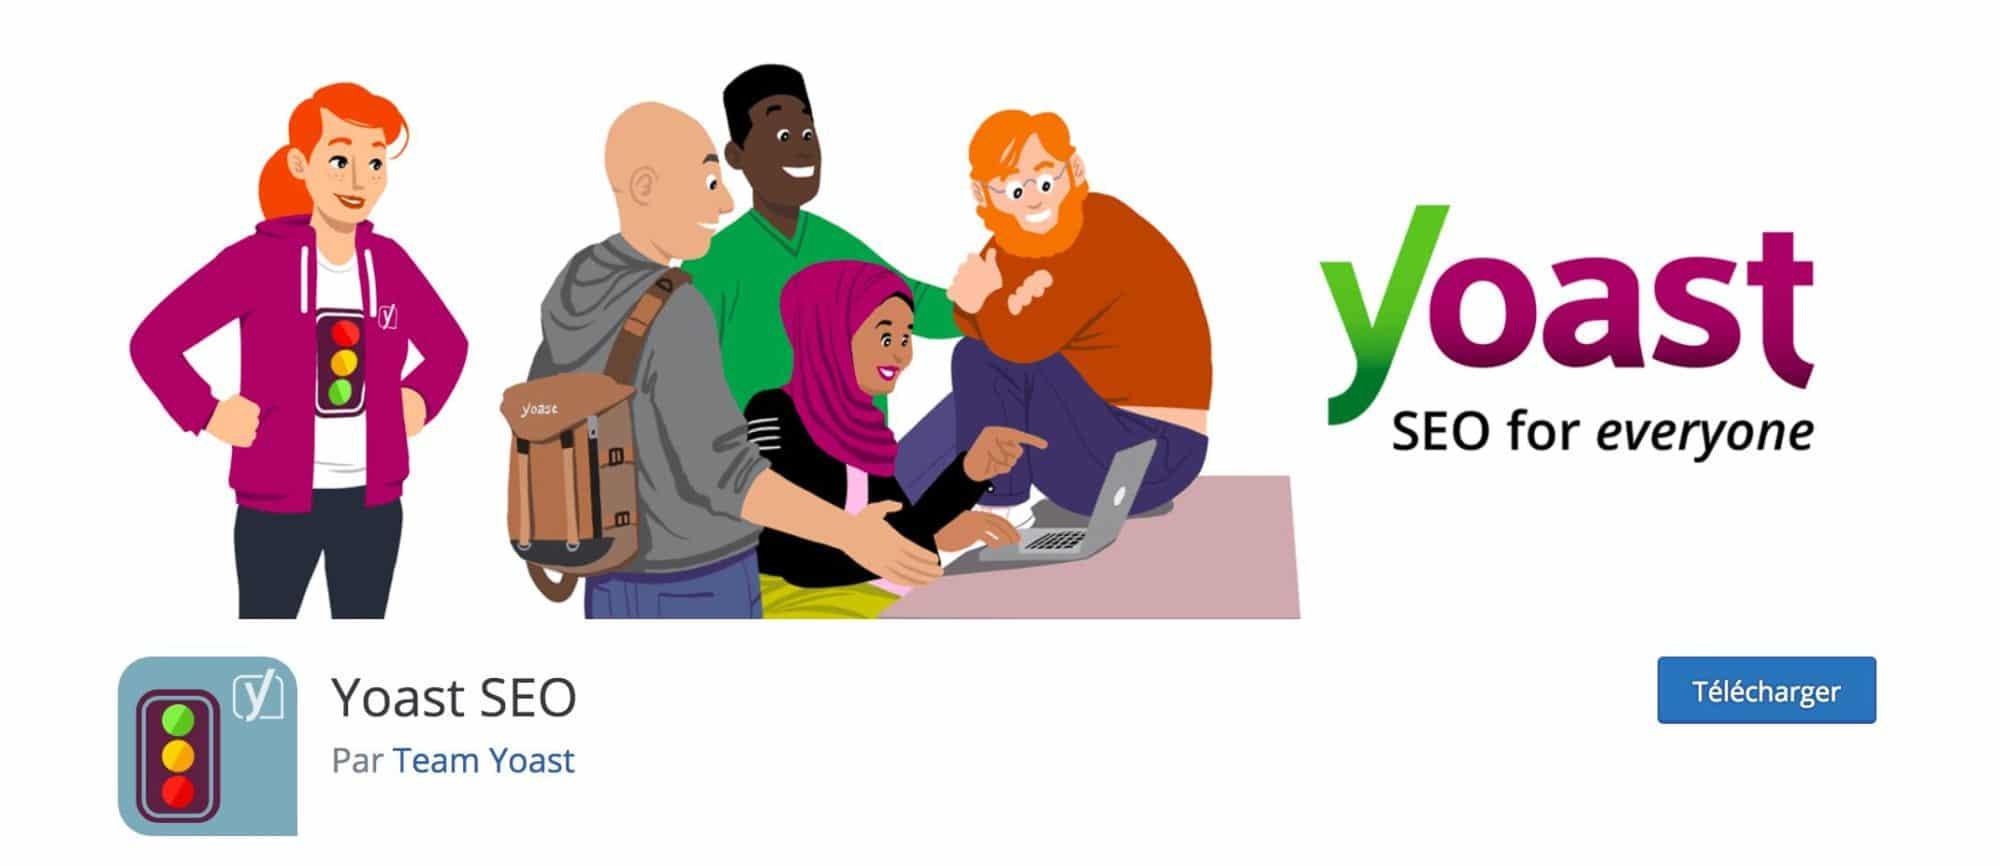 10 outils pour faciliter WordPress – Yoast SEO